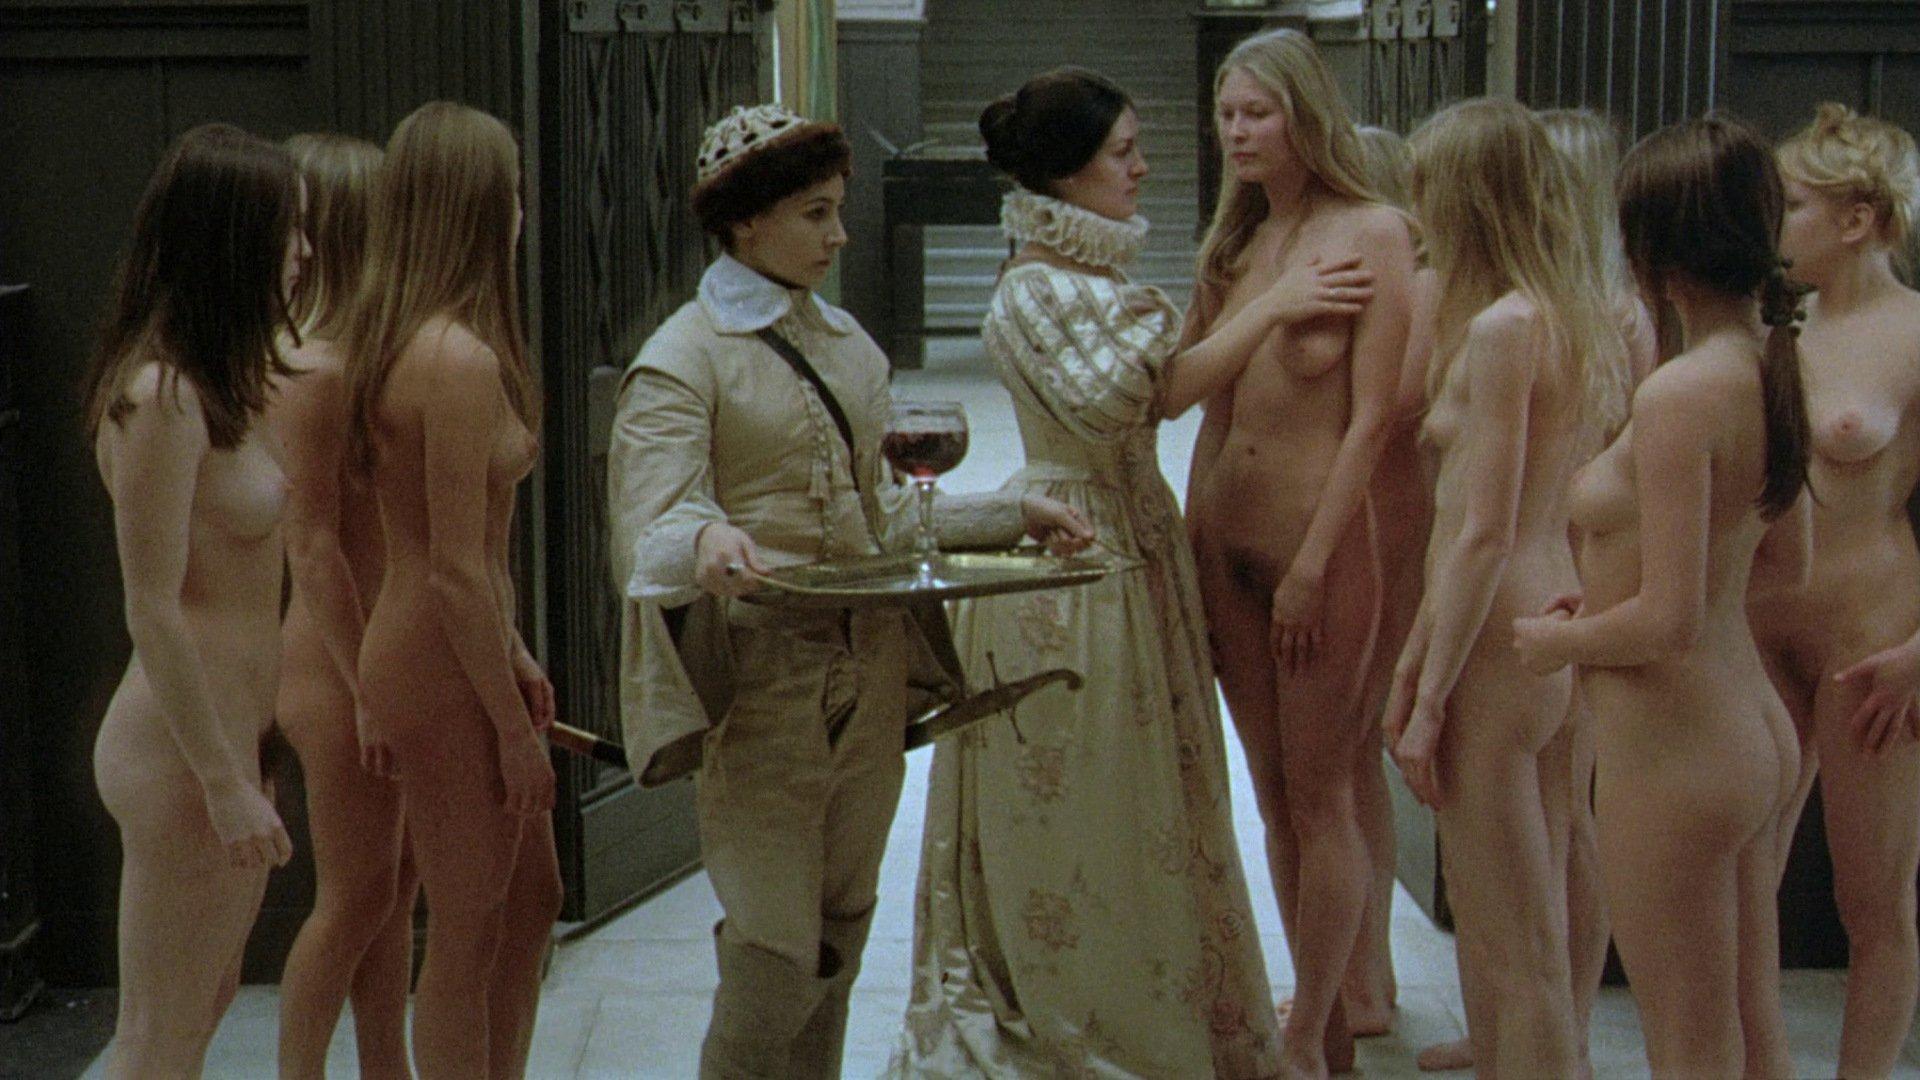 пальчиком обработал смотреть онлайн фильмы с голыми женщинами посетители, находящиеся